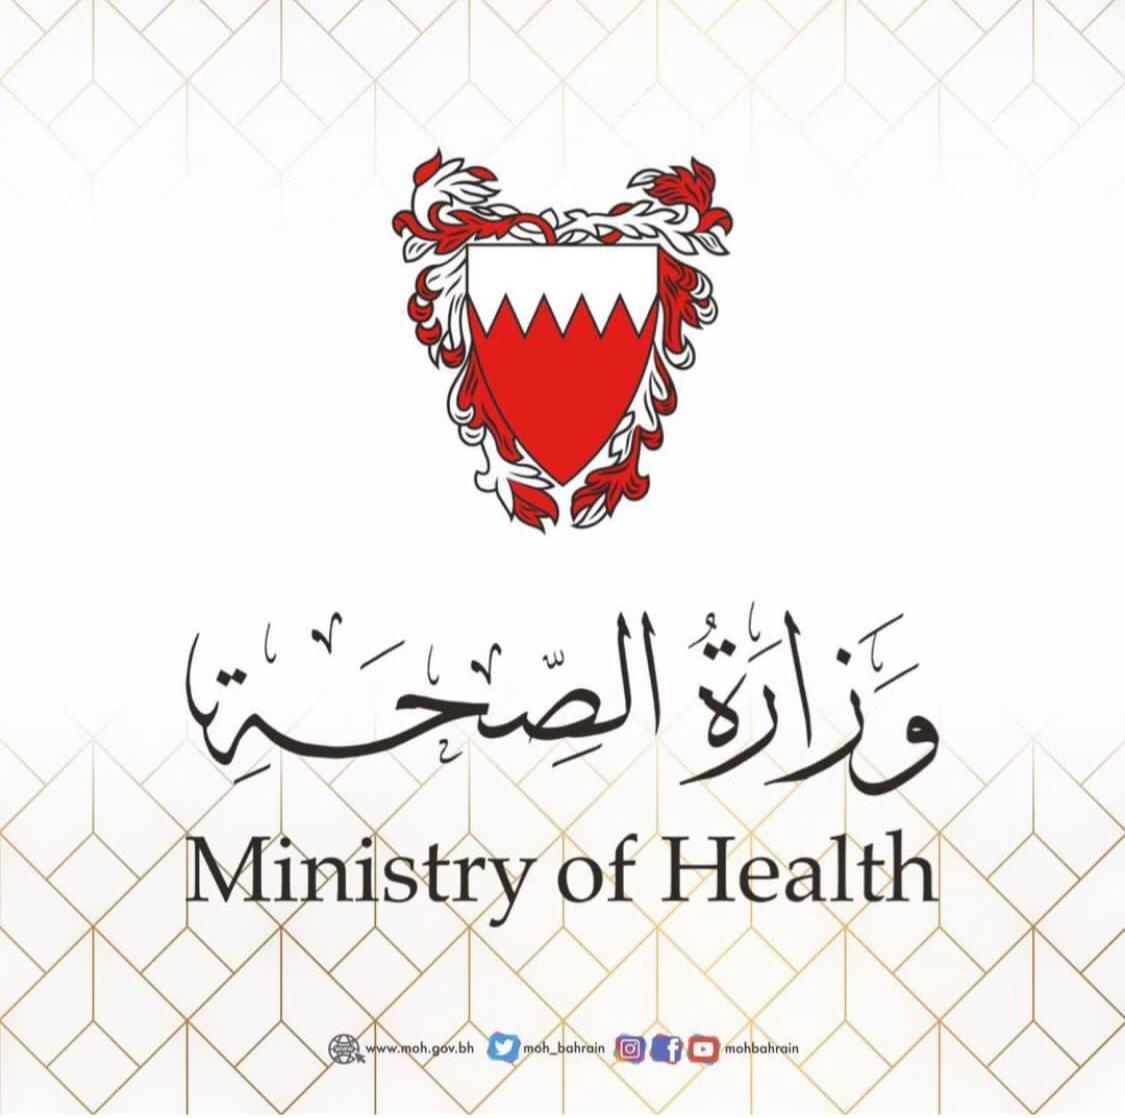 د وليد المانع وكيل وزارة الصحة: الكوادر الوطنية هم الخيار الأول للتوظيف وعملية توظيفهم جارية وعقود الأجانب مؤقتة